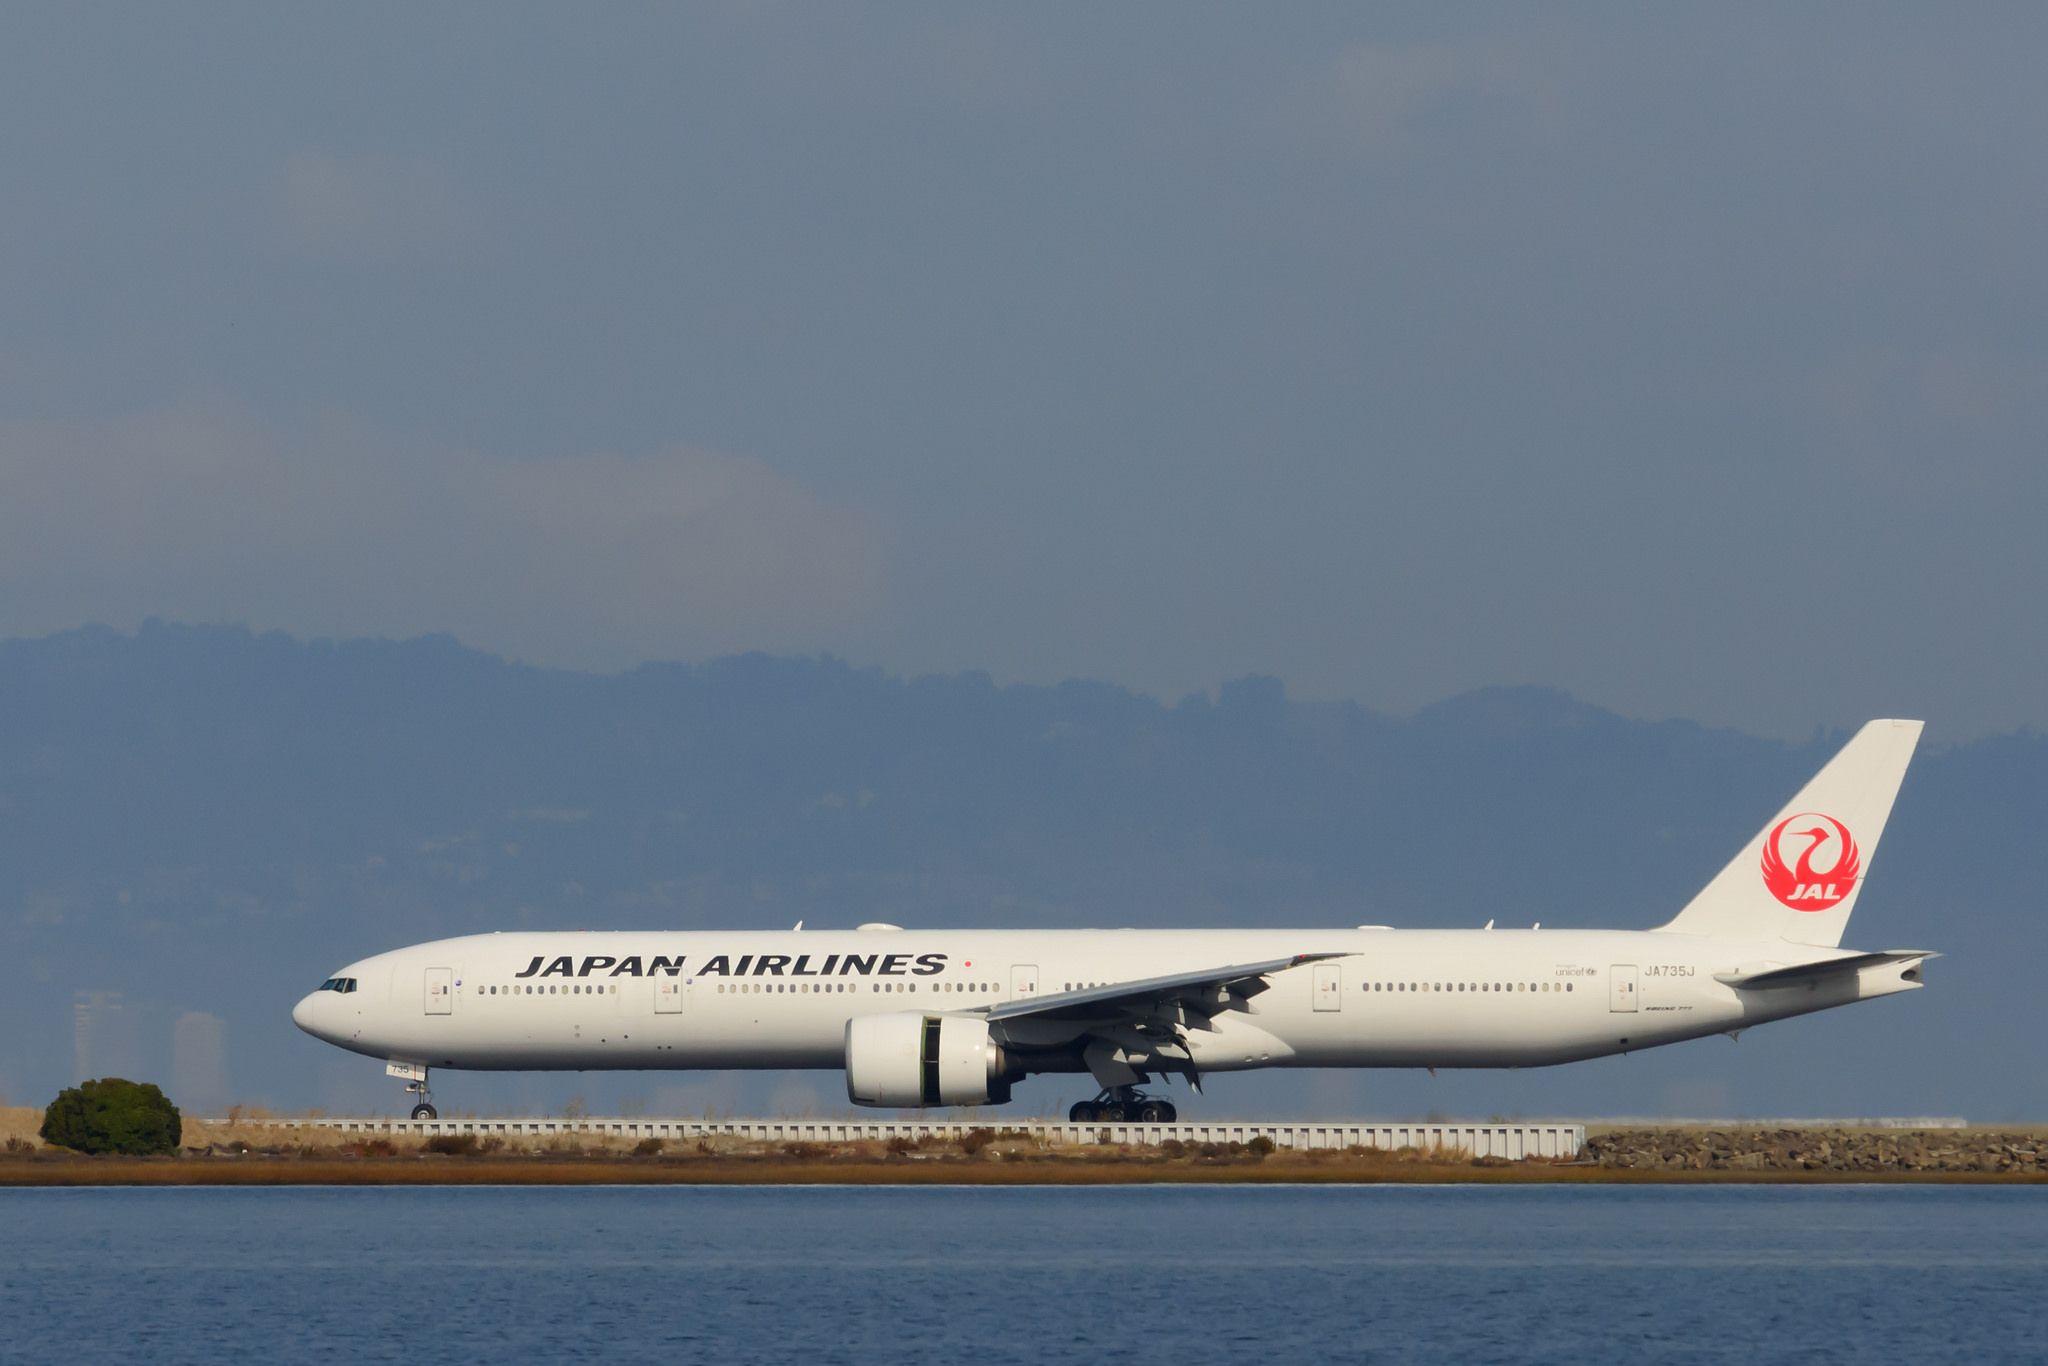 JA735J imagens) Aeronave